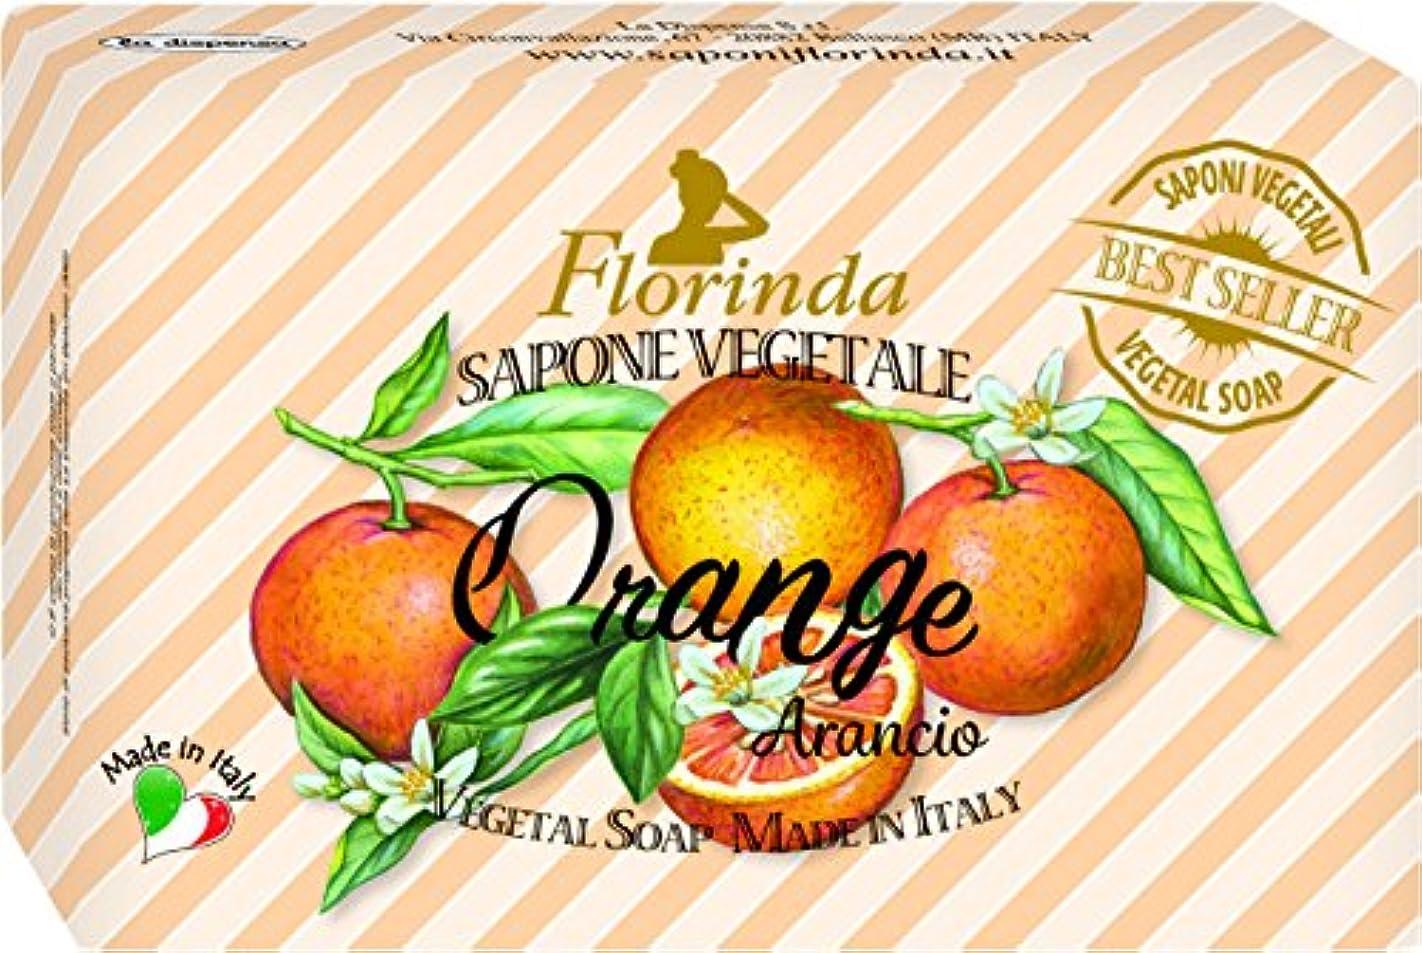 内なるまたはどちらか真鍮フレグランスソープ ベストセラーシリーズ オレンジ